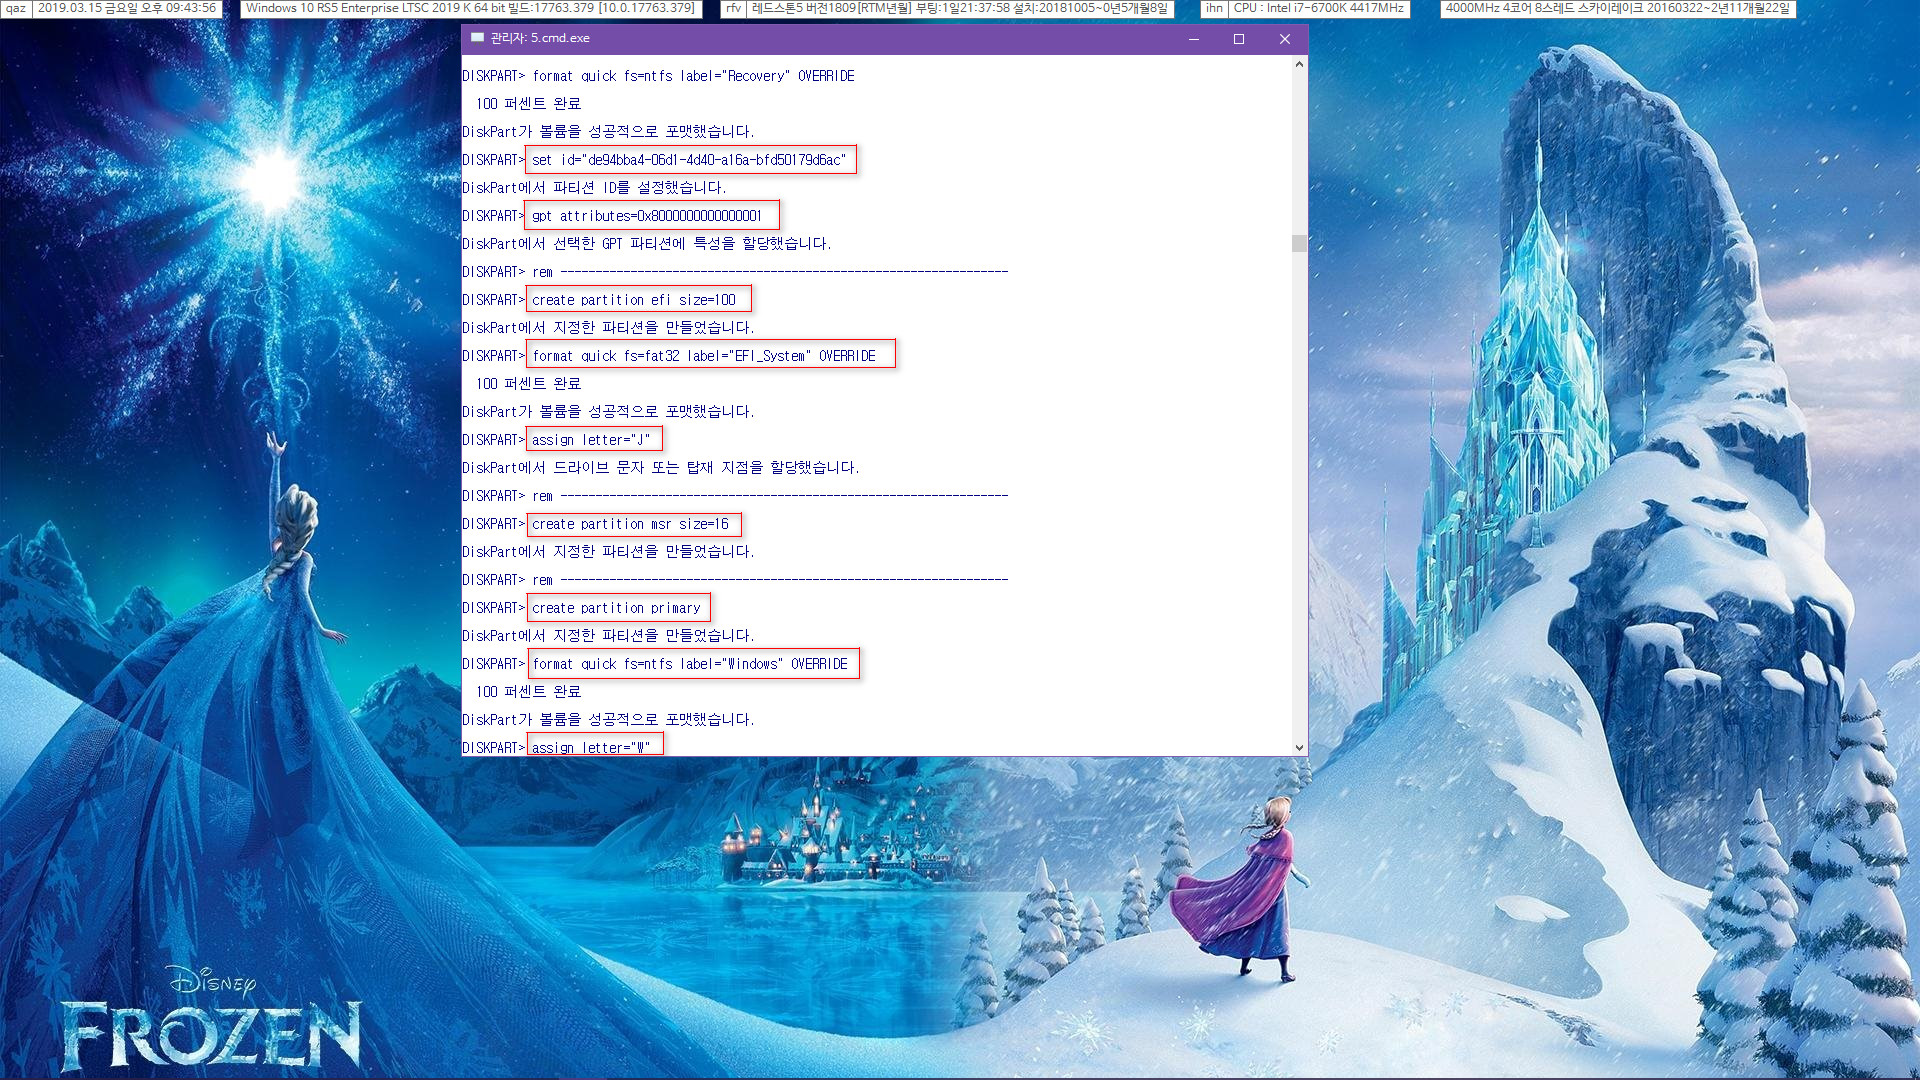 윈도 내장 명령어 diskpart.exe 와 dism.exe 와 bcdboot.exe 으로 UEFI 용 파티션들 만들고 윈도 설치하기 예시 2019-03-15_214356.jpg